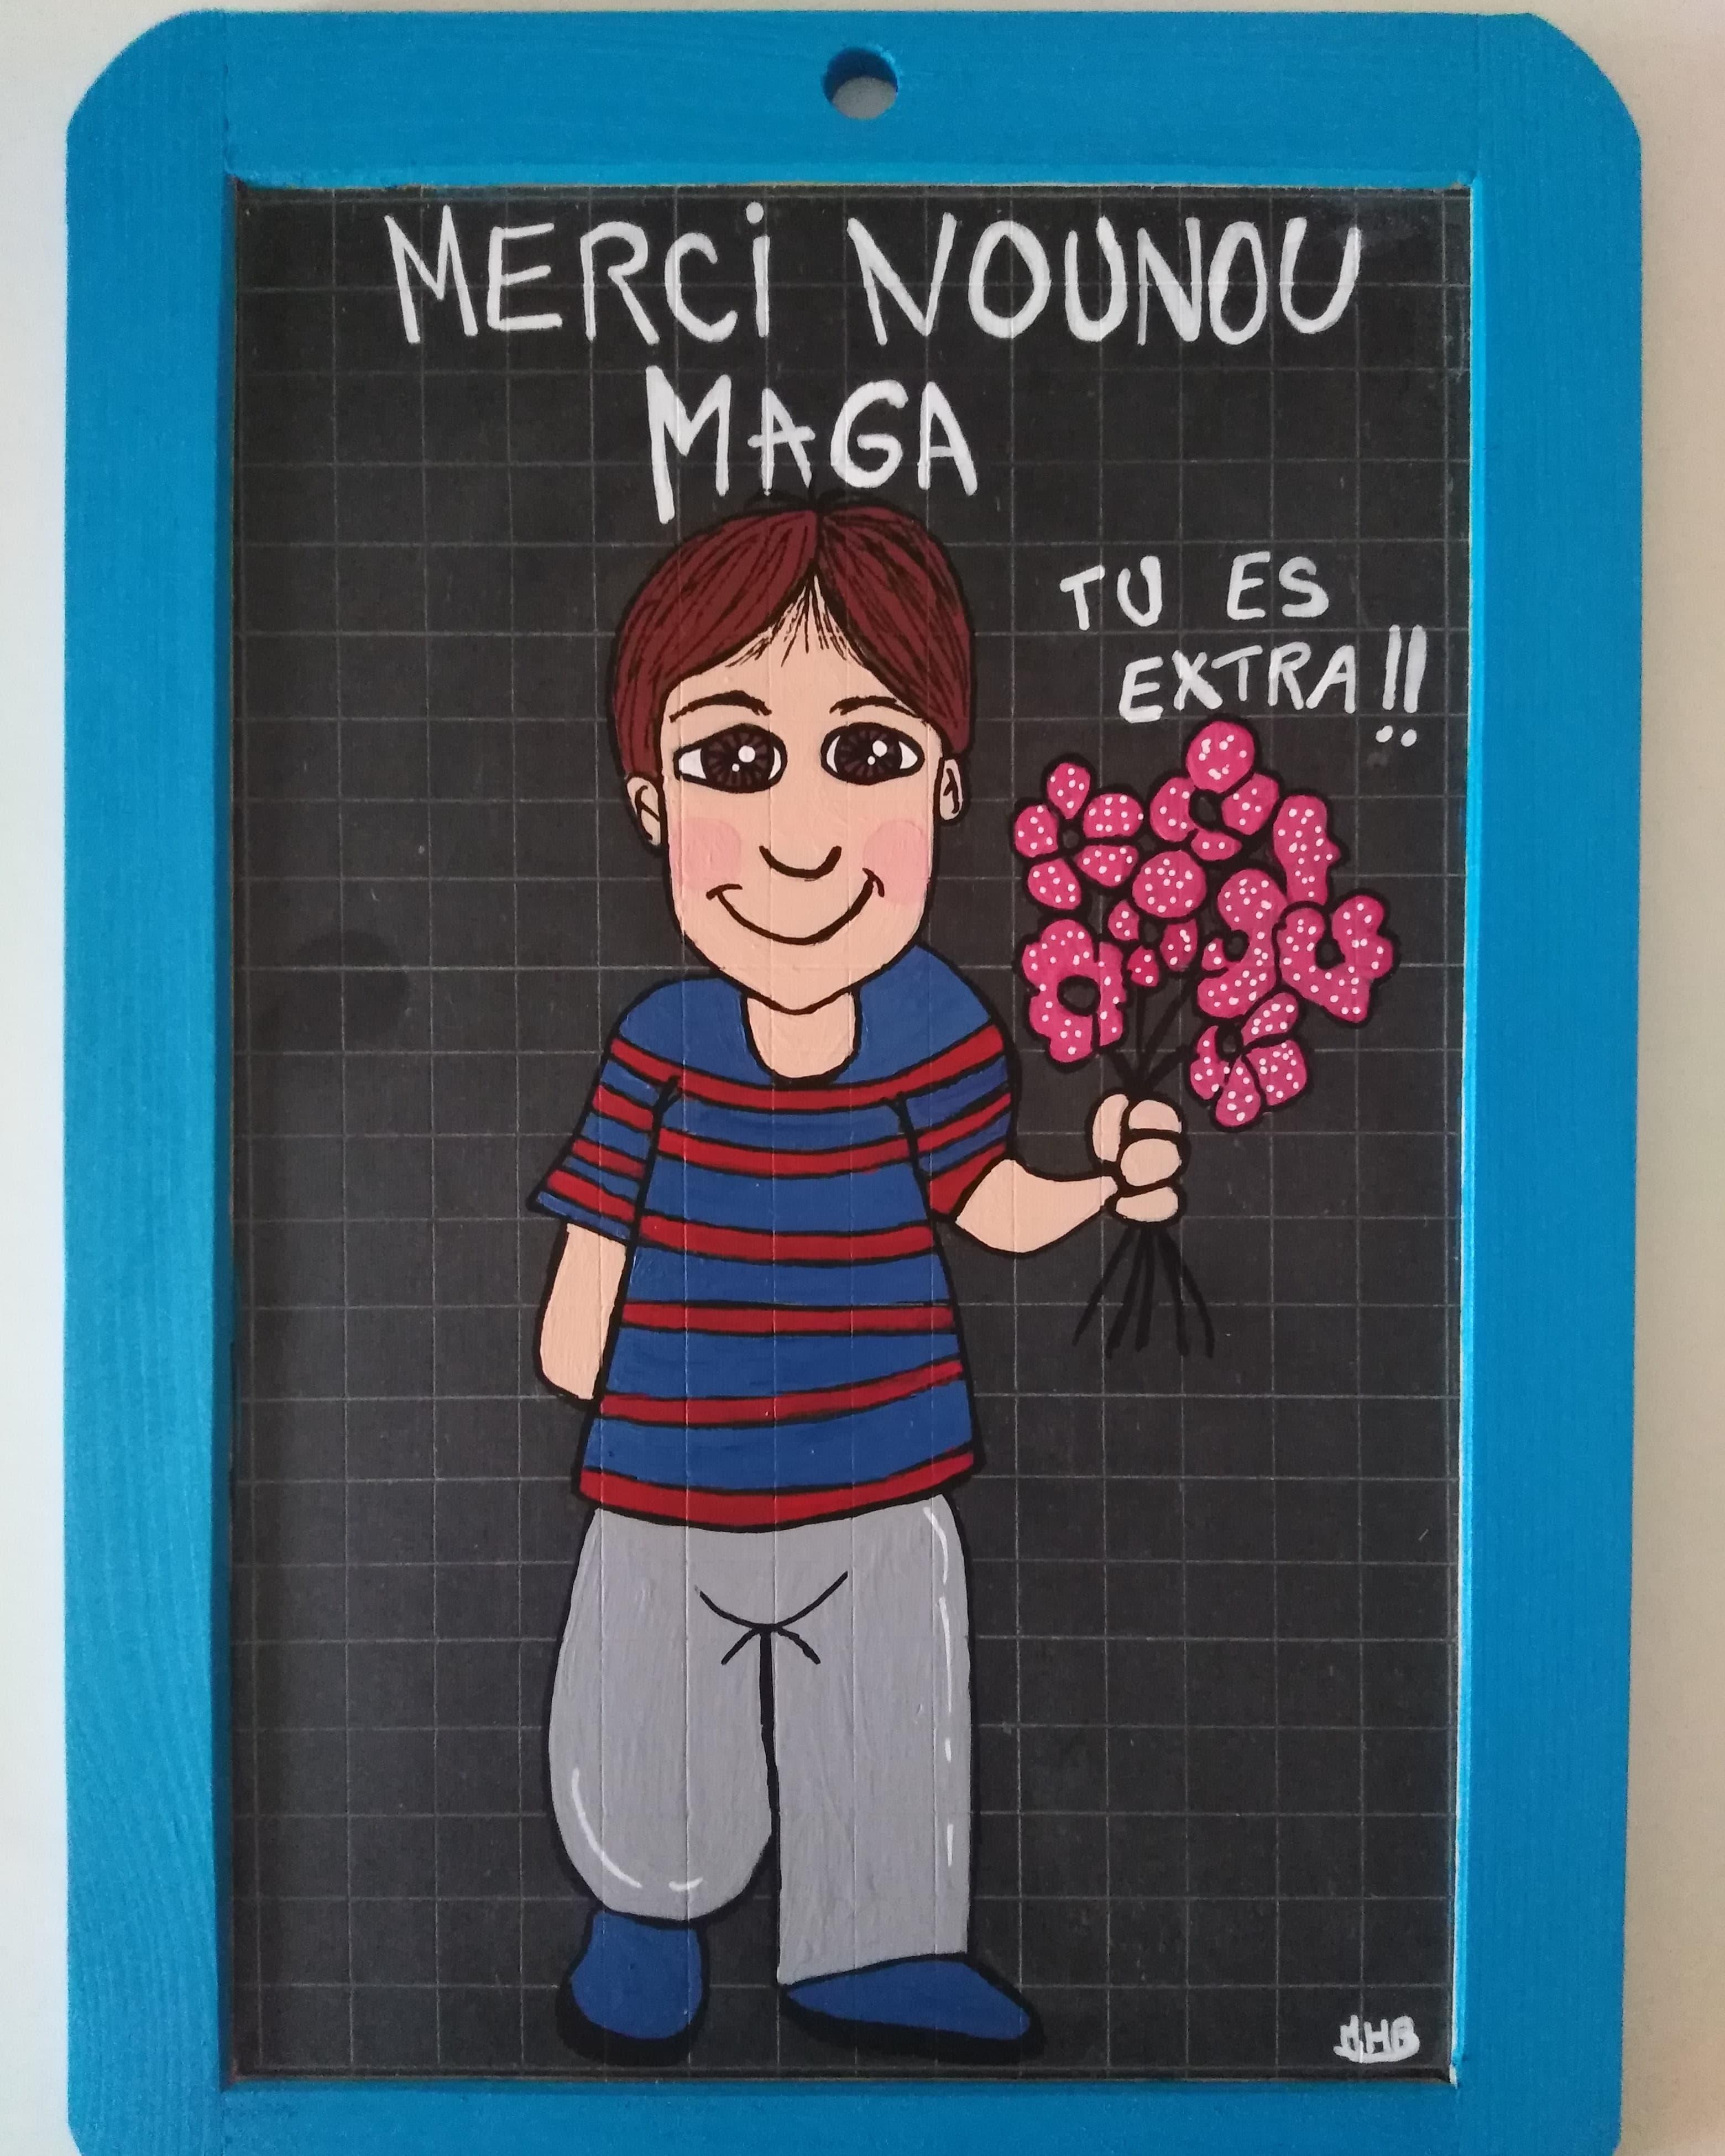 merci Nounou Maga